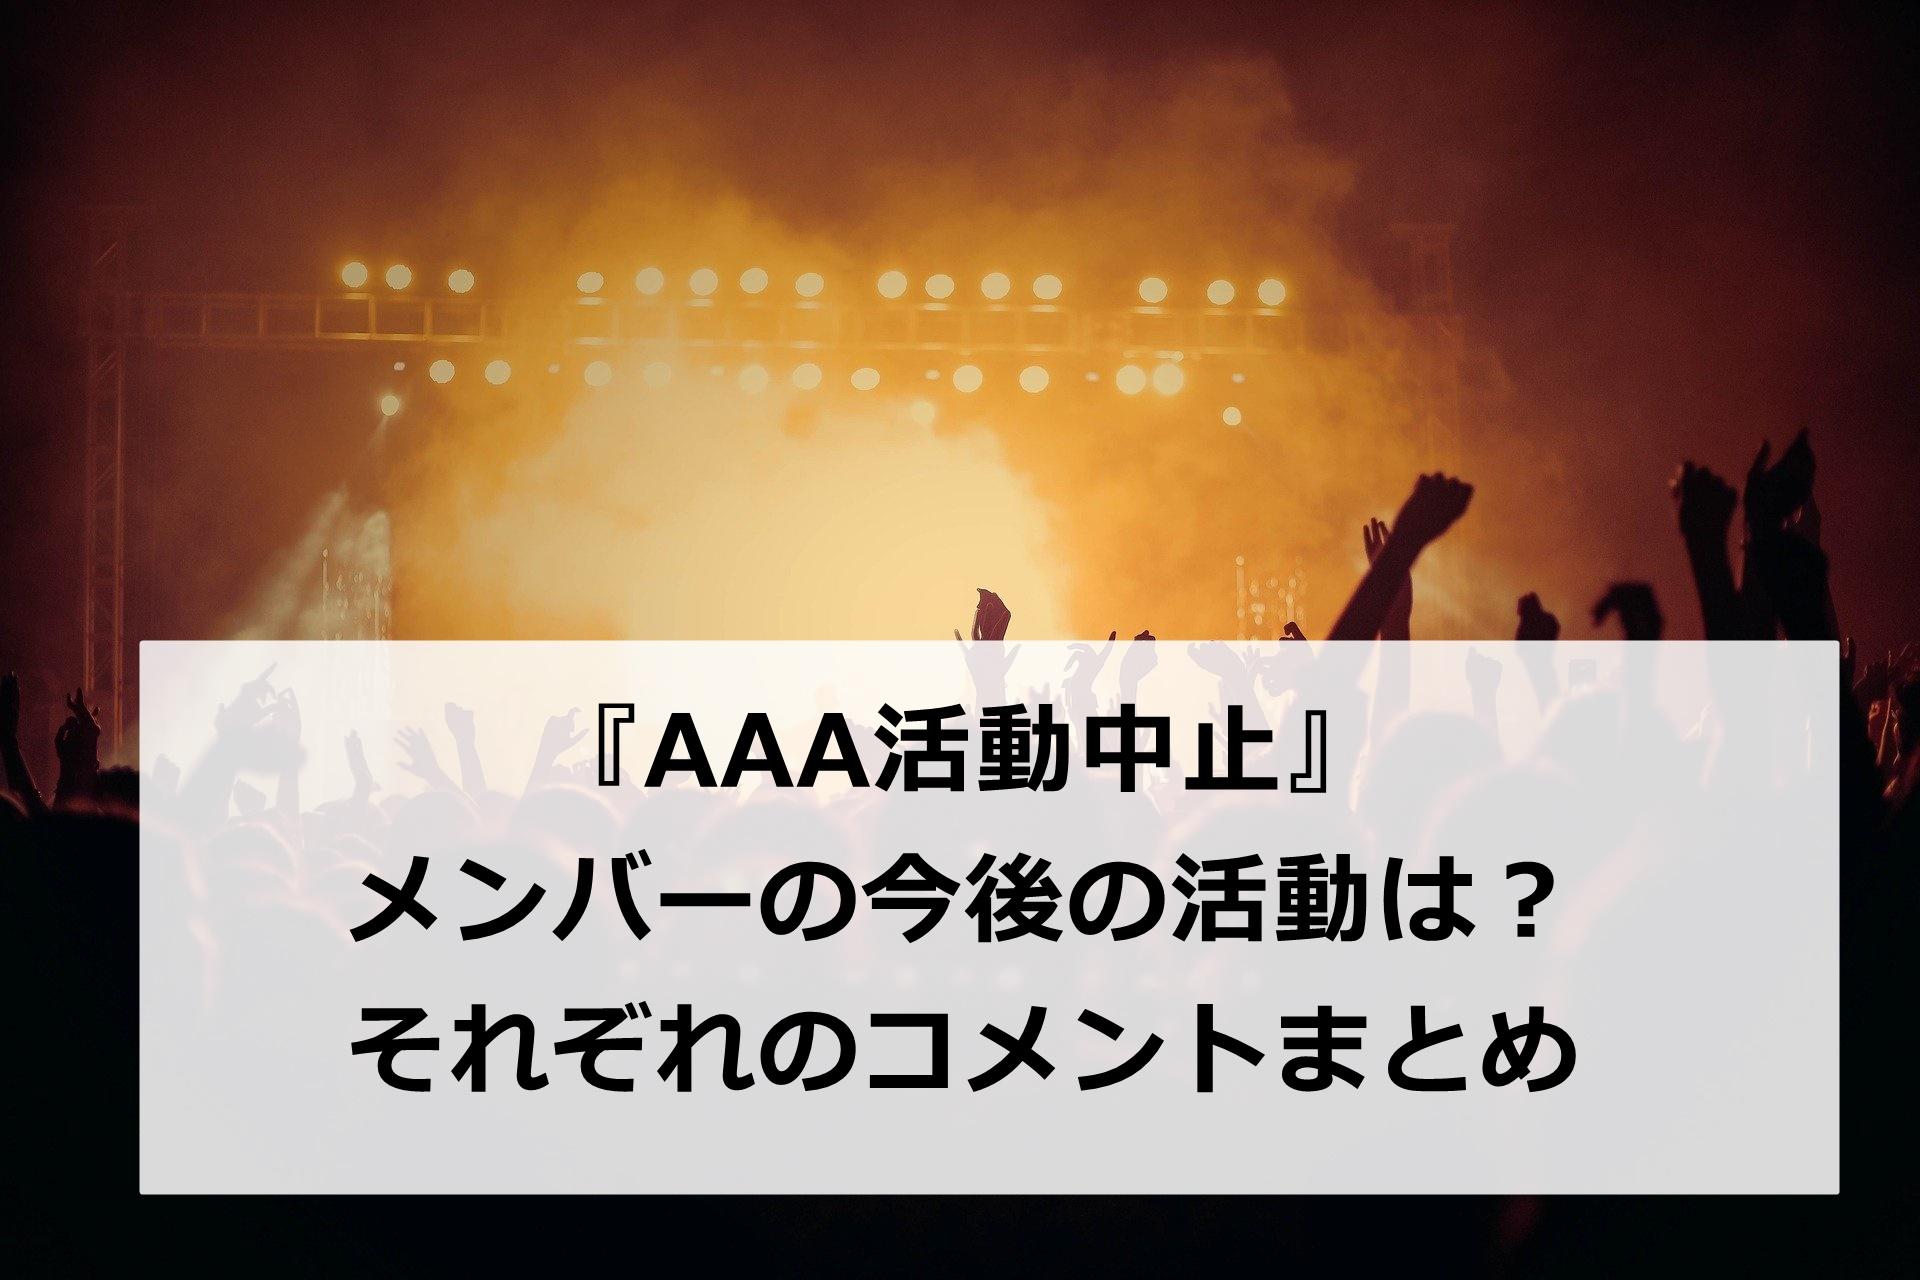 【AAA】活動休止へ|メンバーの今後の活動は?それぞれのコメントまとめ